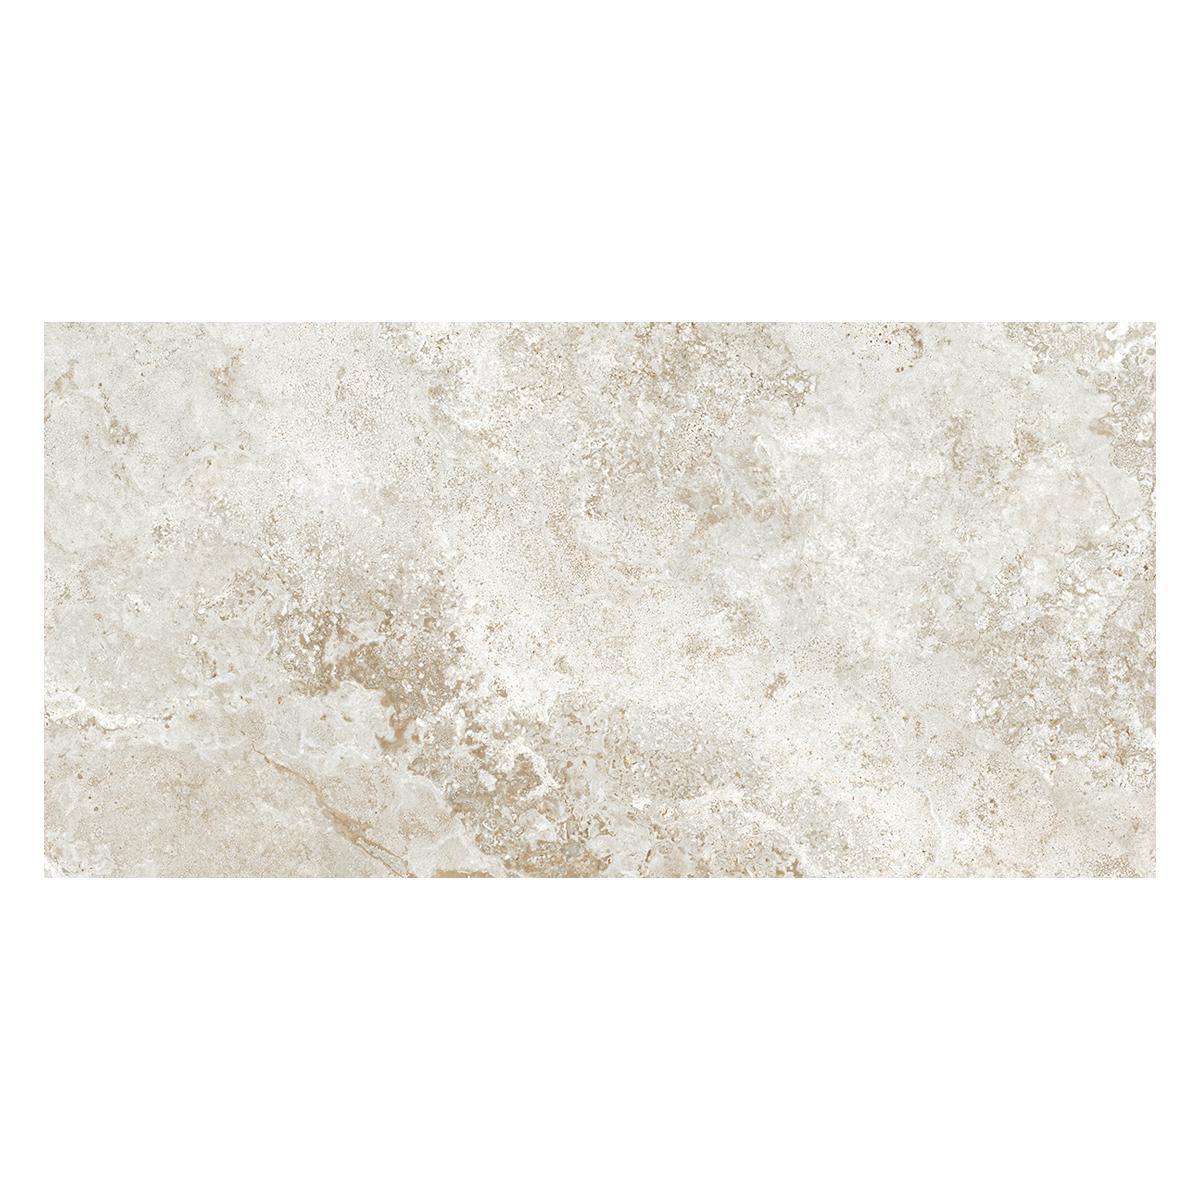 Porcelanato Selvy Beige Mate - 60X120 cm - 1.44 m2